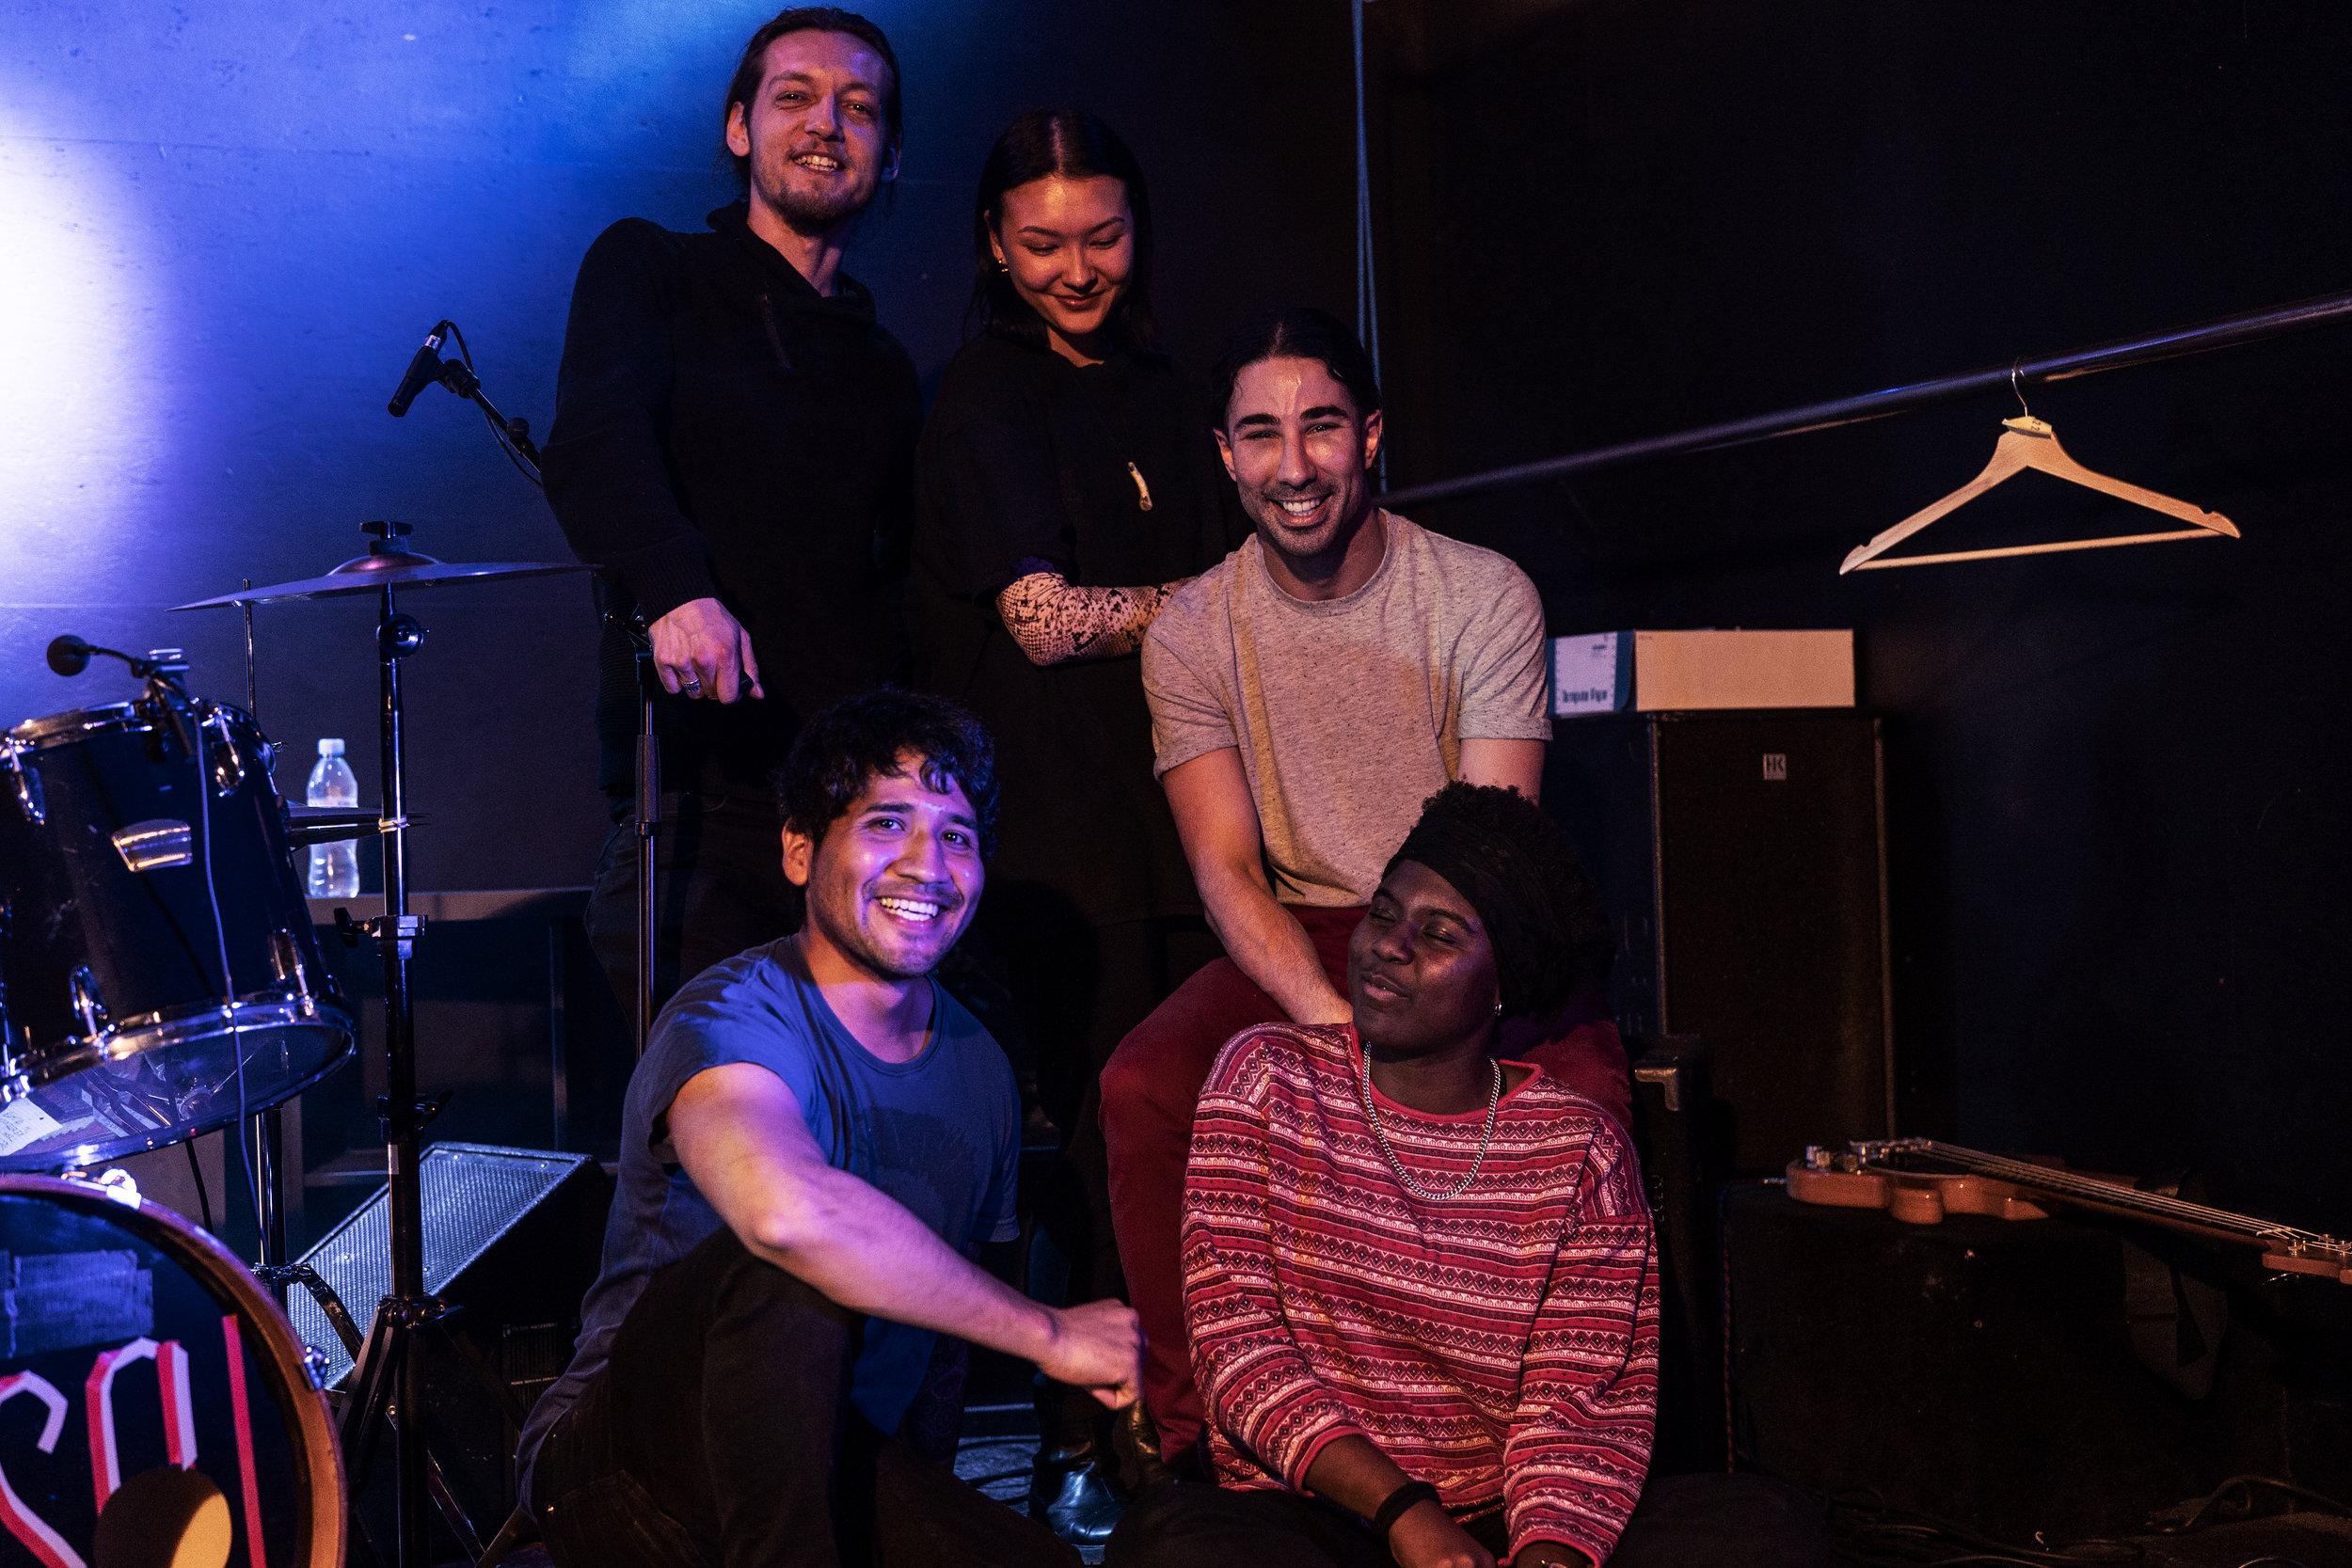 Das Team des donnerStage fotografiert von: Gawin Steiner